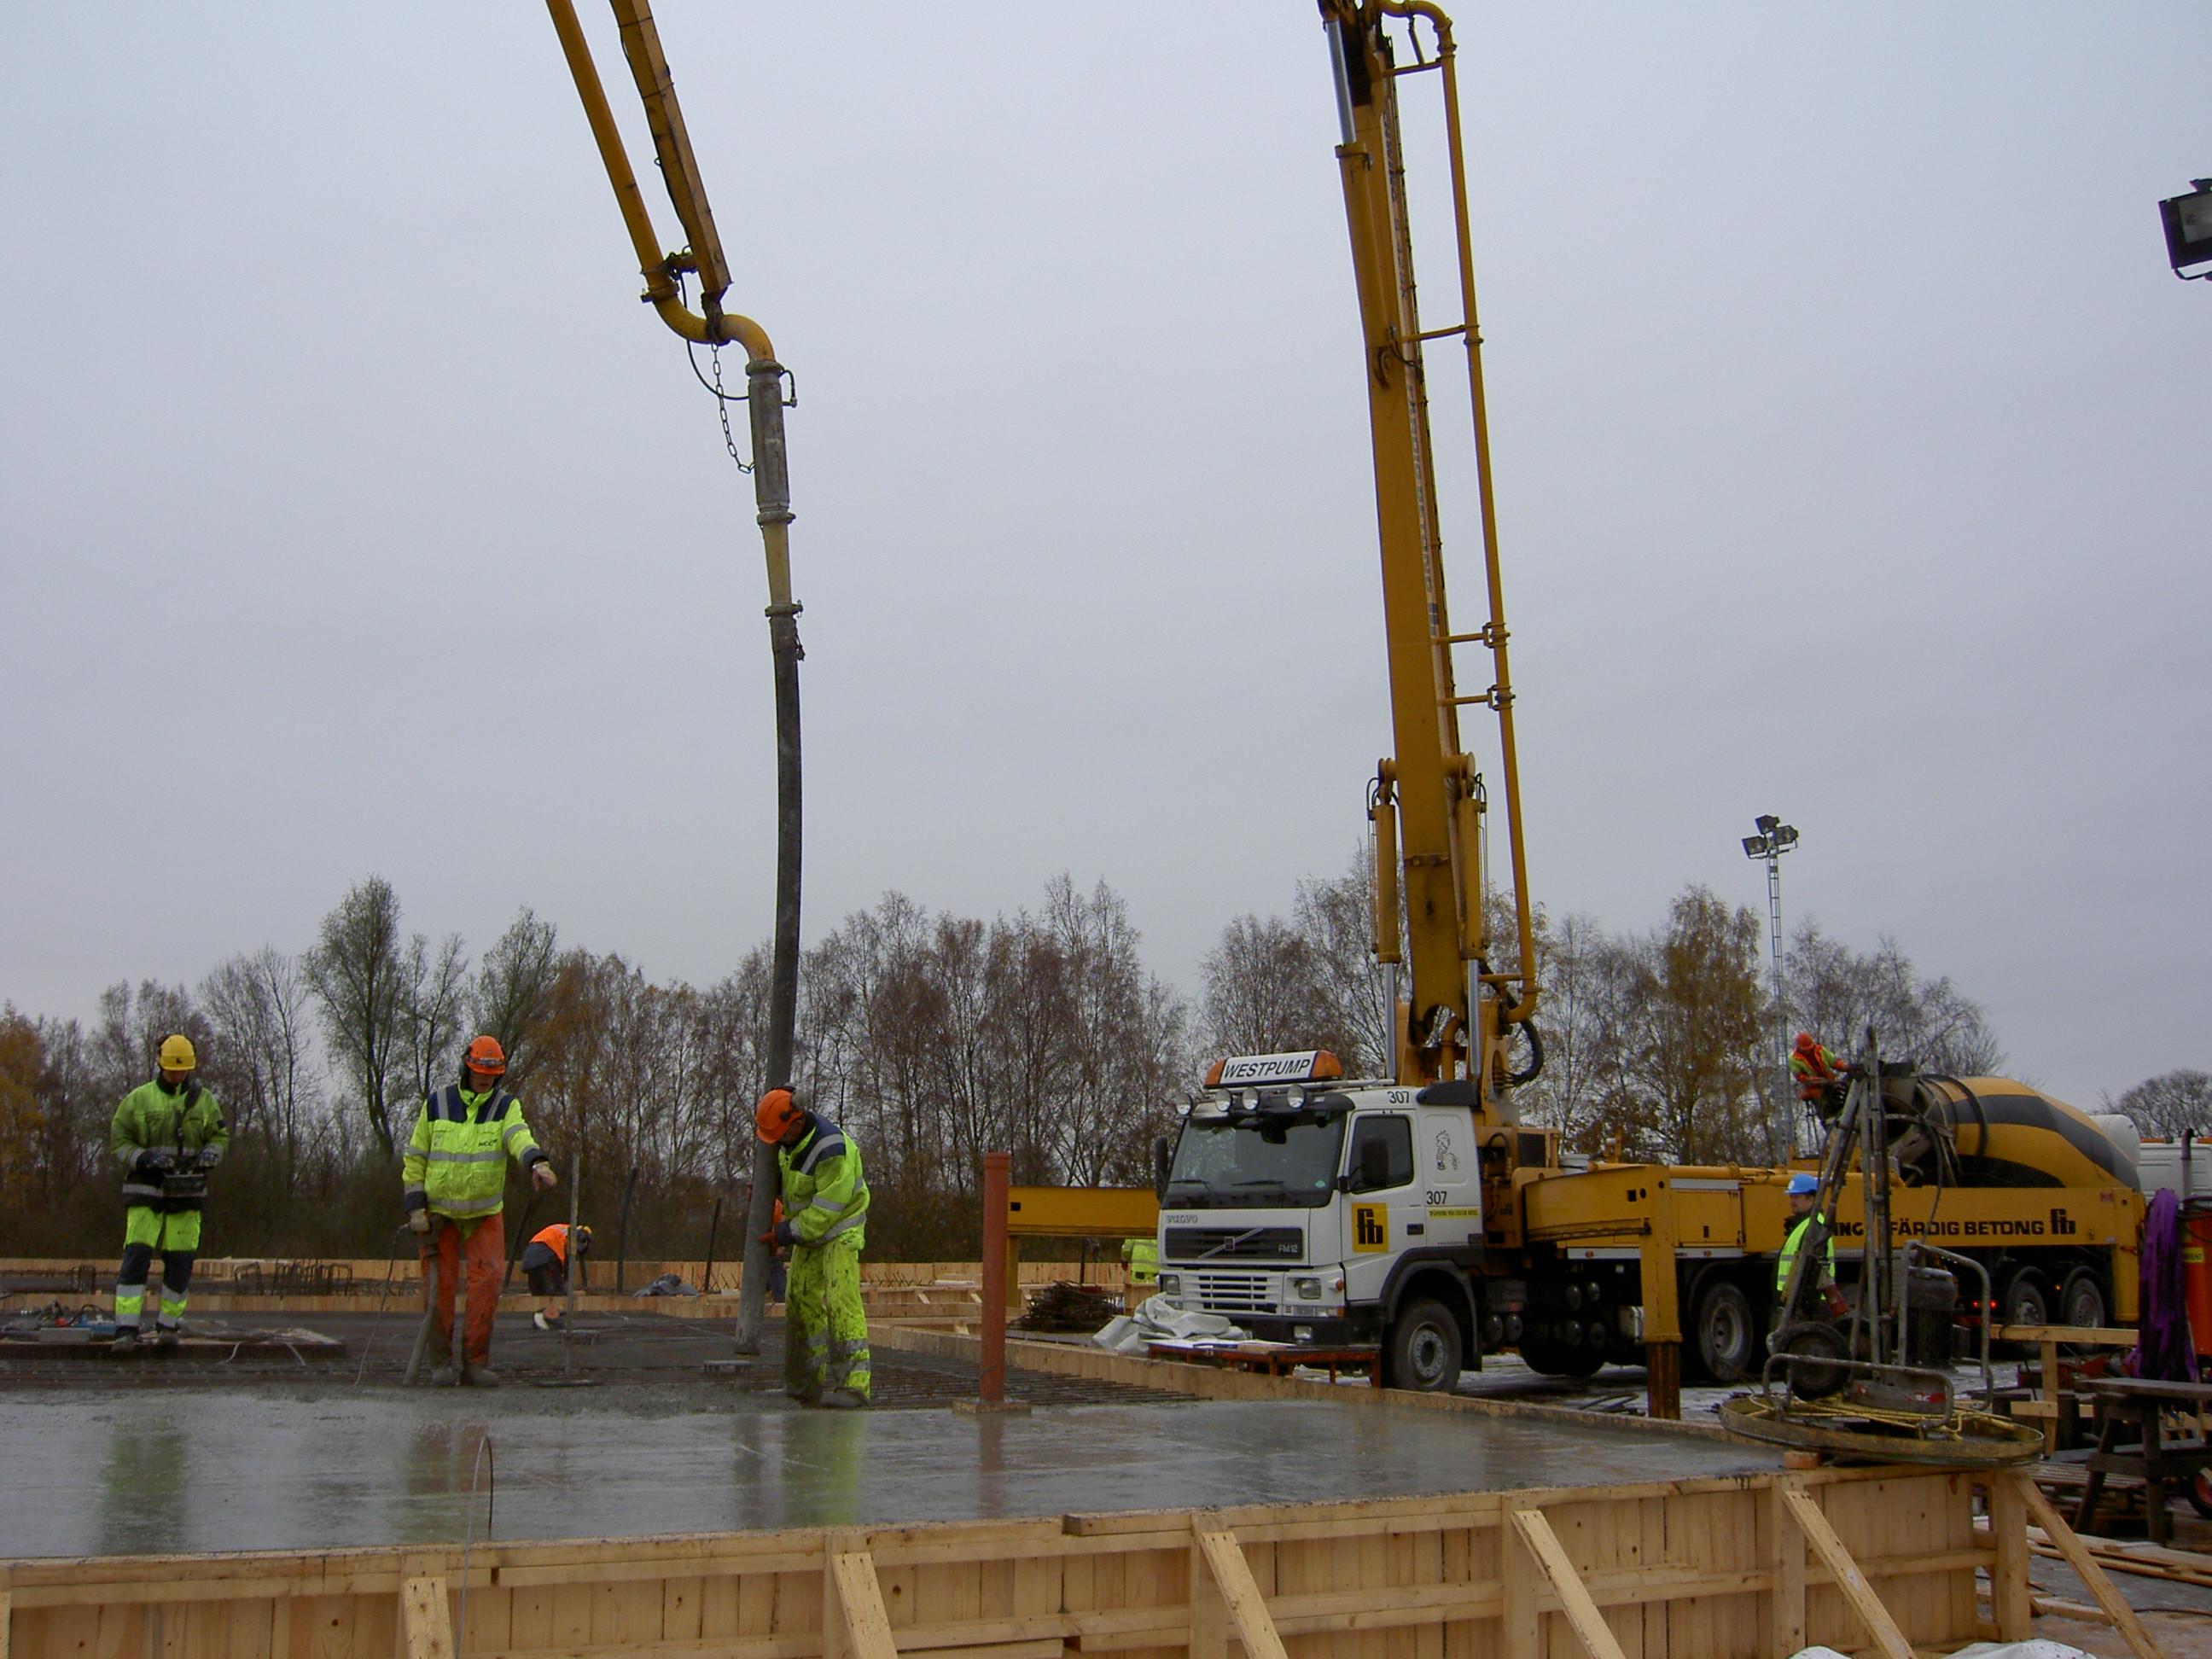 2 betongslang_styr sem 091105 PICT5341